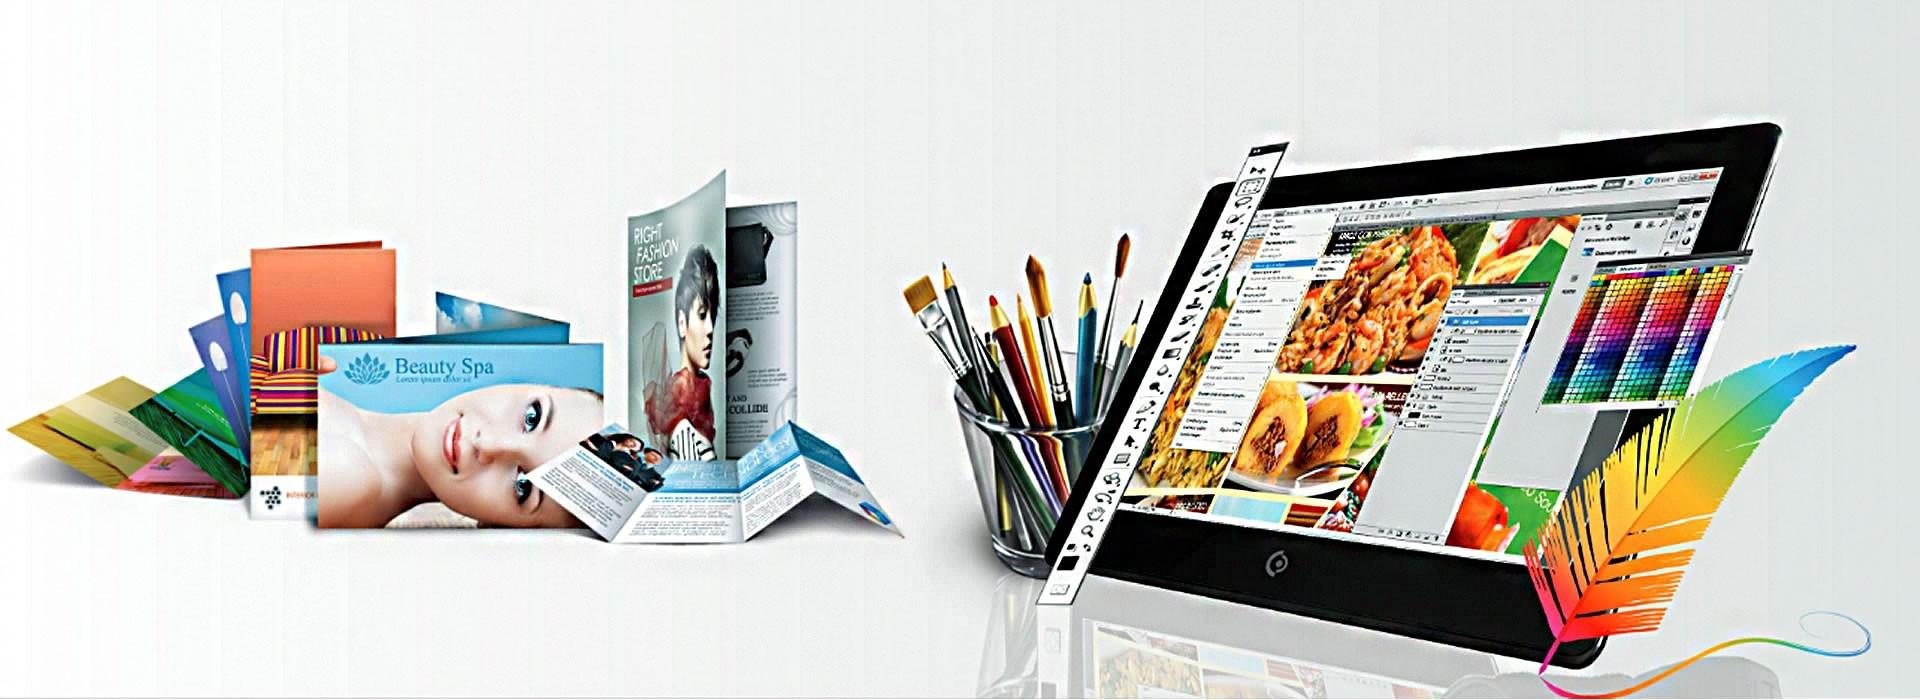 Basılı ve dijital ortamda sizi en iyi ifade eden görsel çözümler için yanınızdayız...